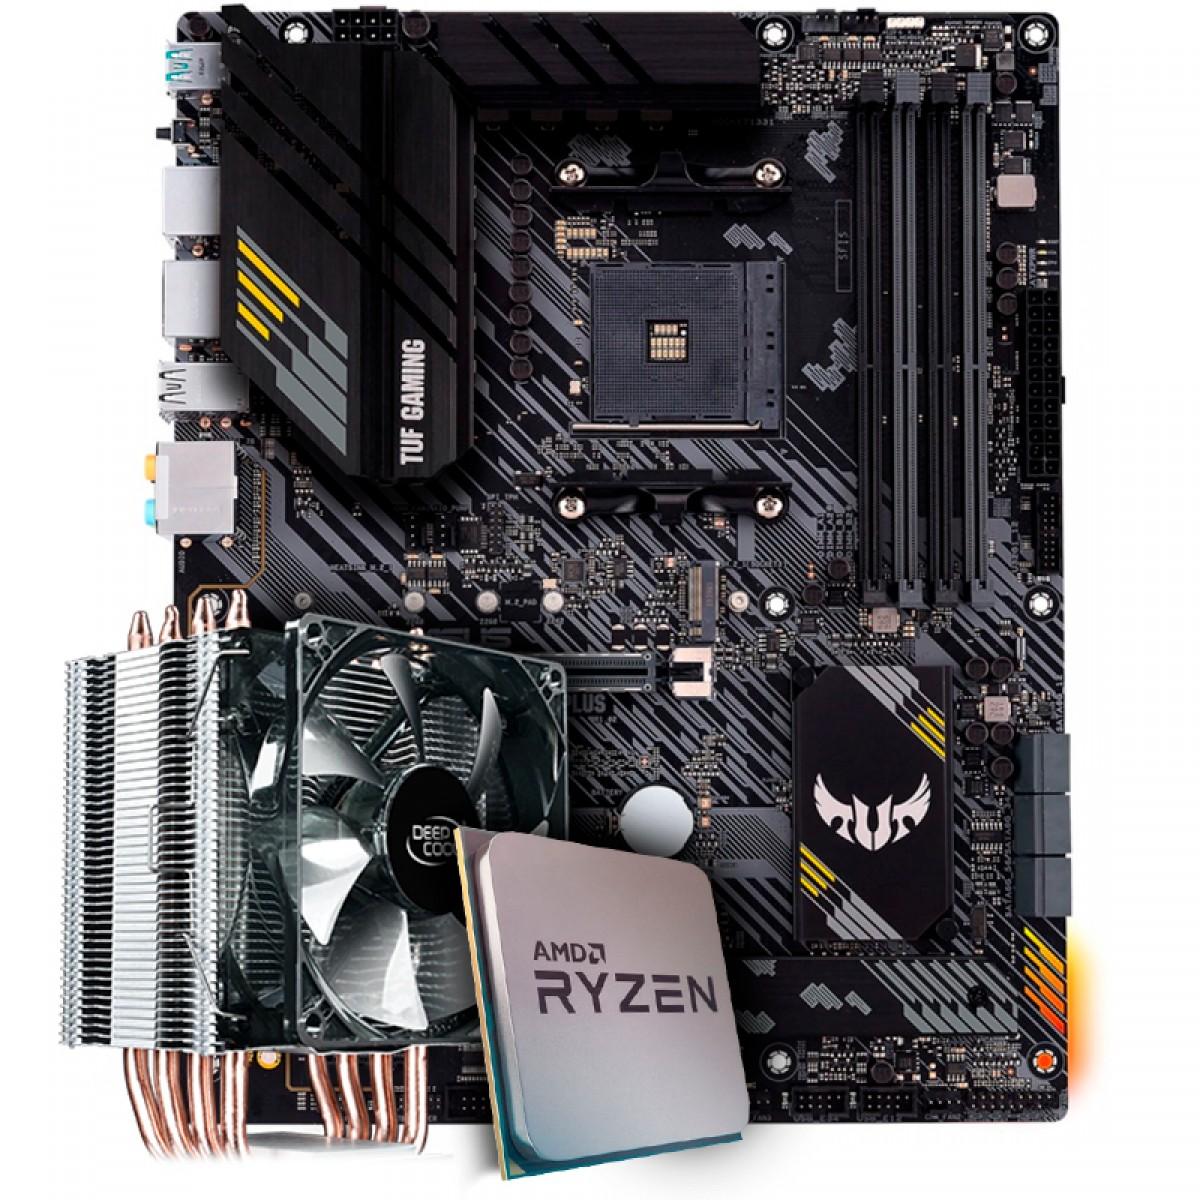 Kit Upgrade, AMD Ryzen 9 3900X, Asus TUF Gaming B550-Plus, Cooler Deepcool Gammaxx